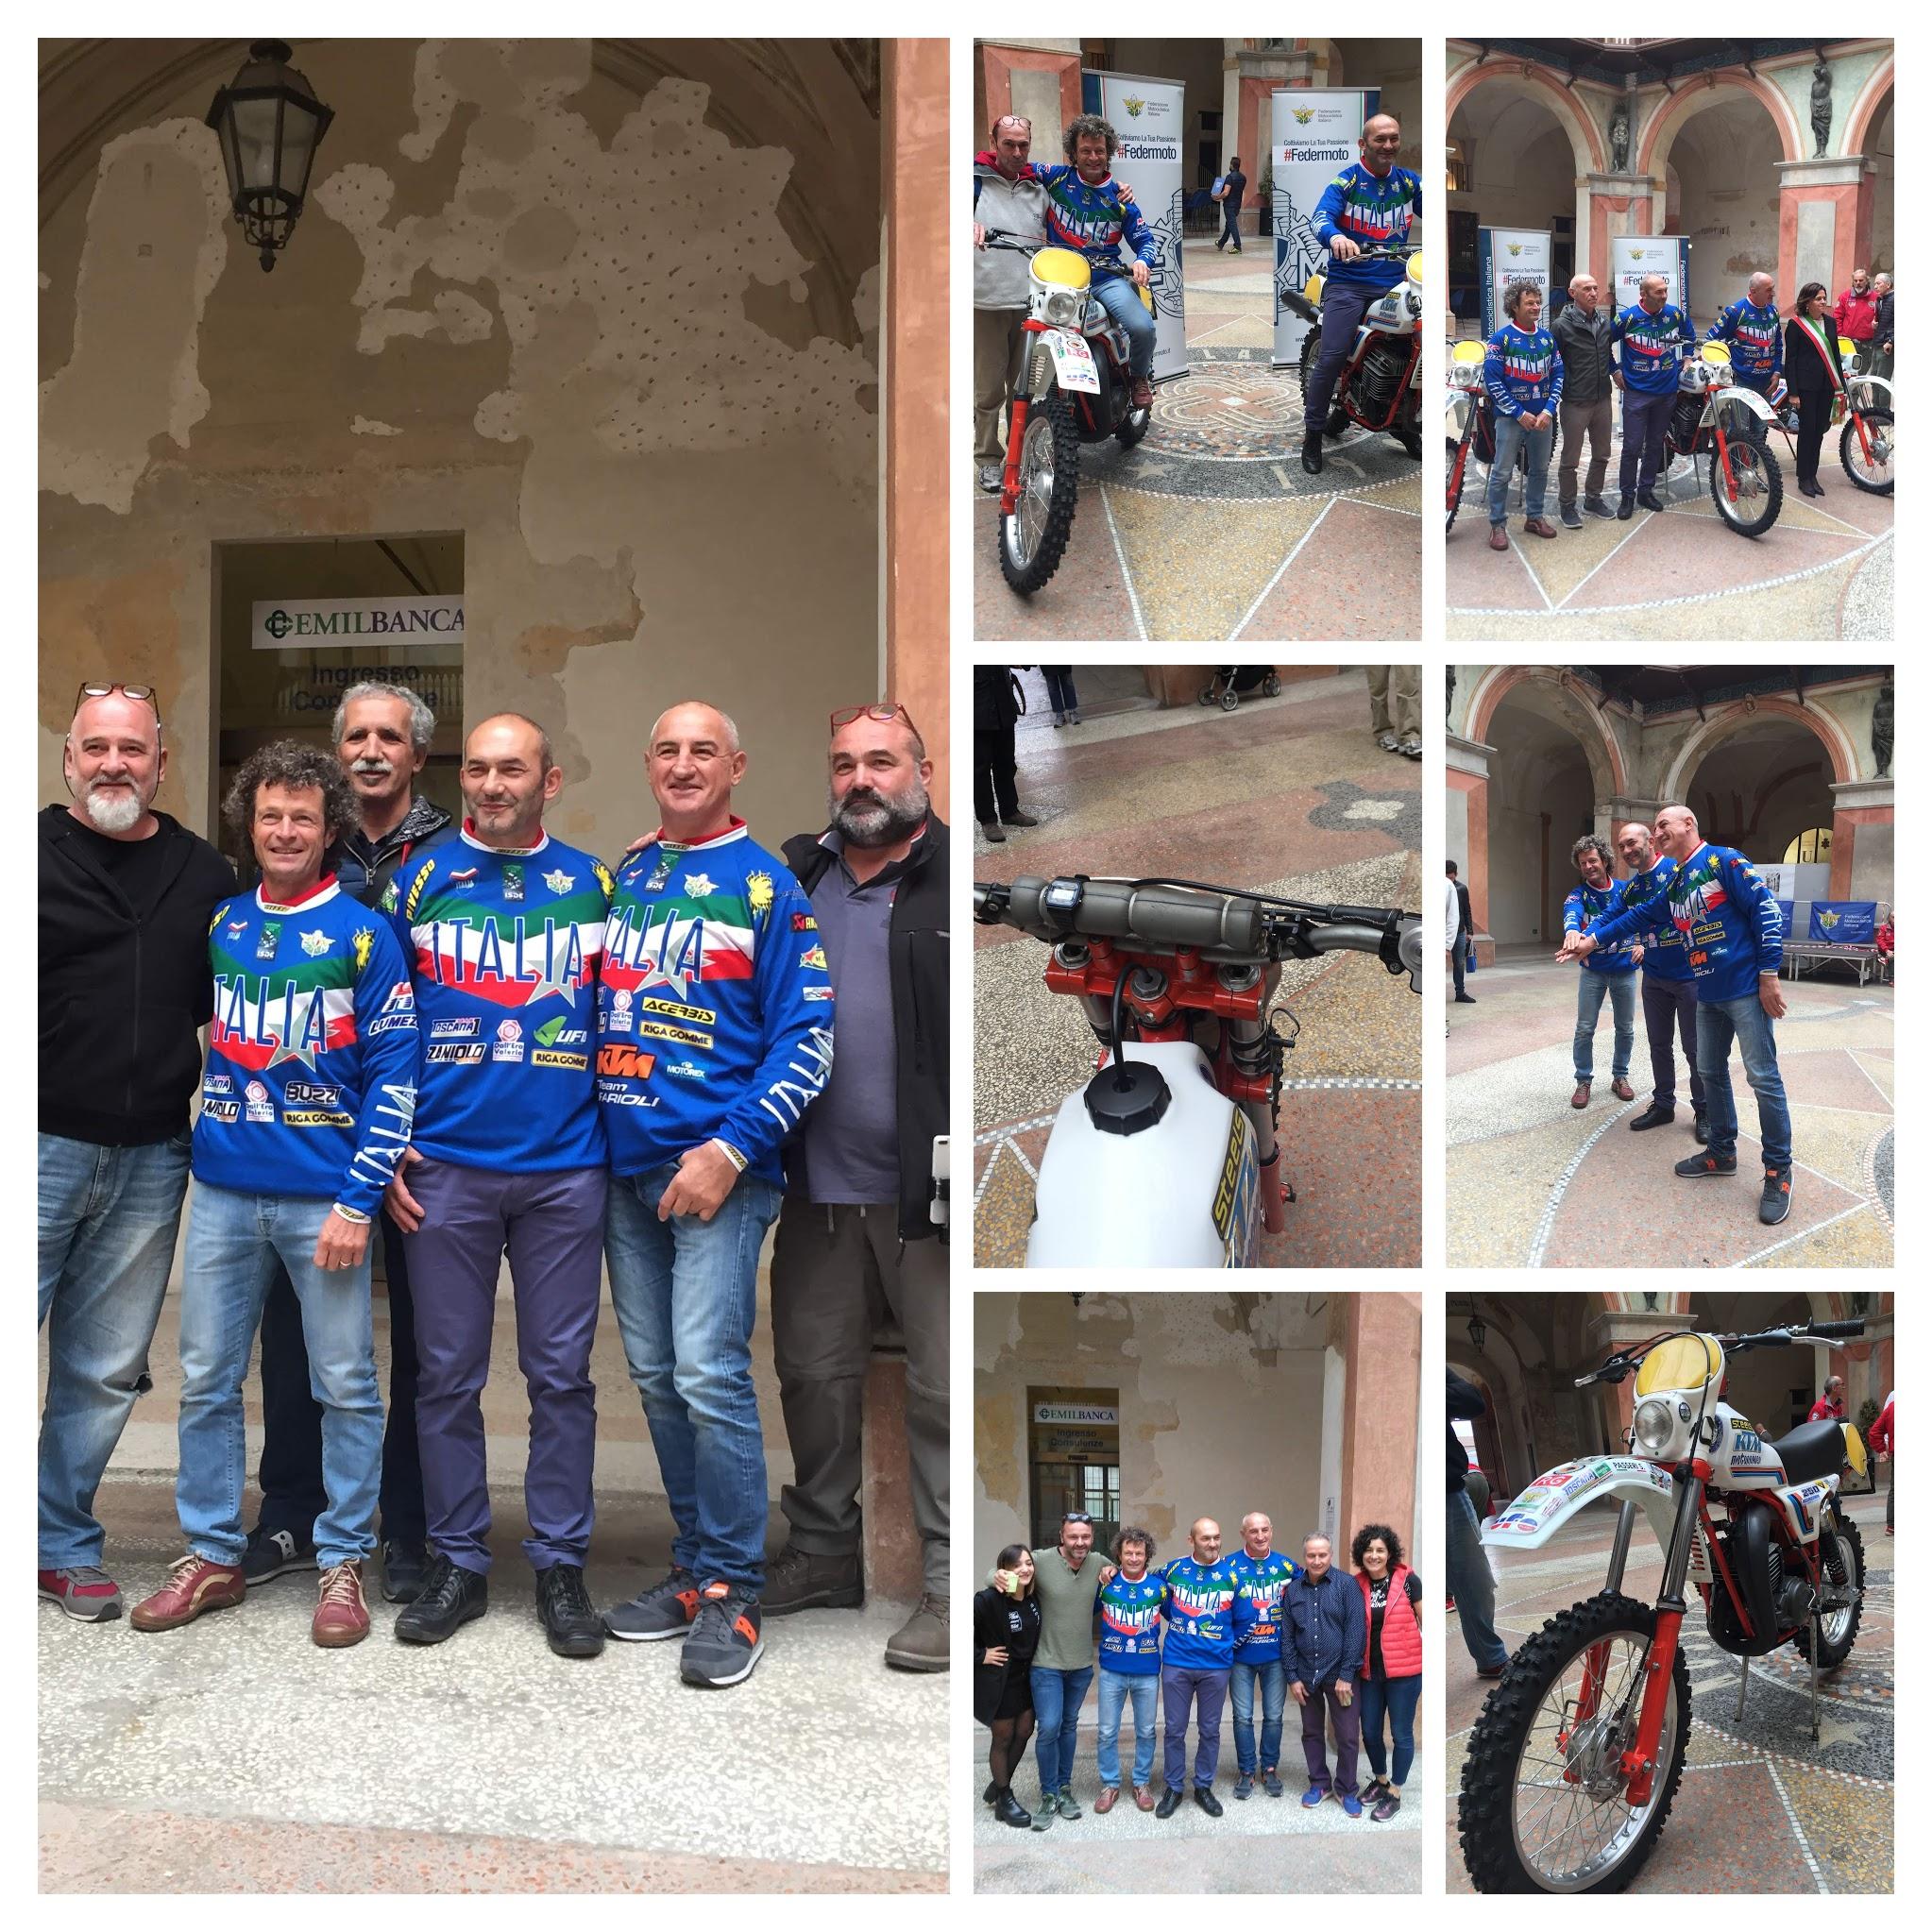 italiainpiega-evento-varie presentazione dream team veterans